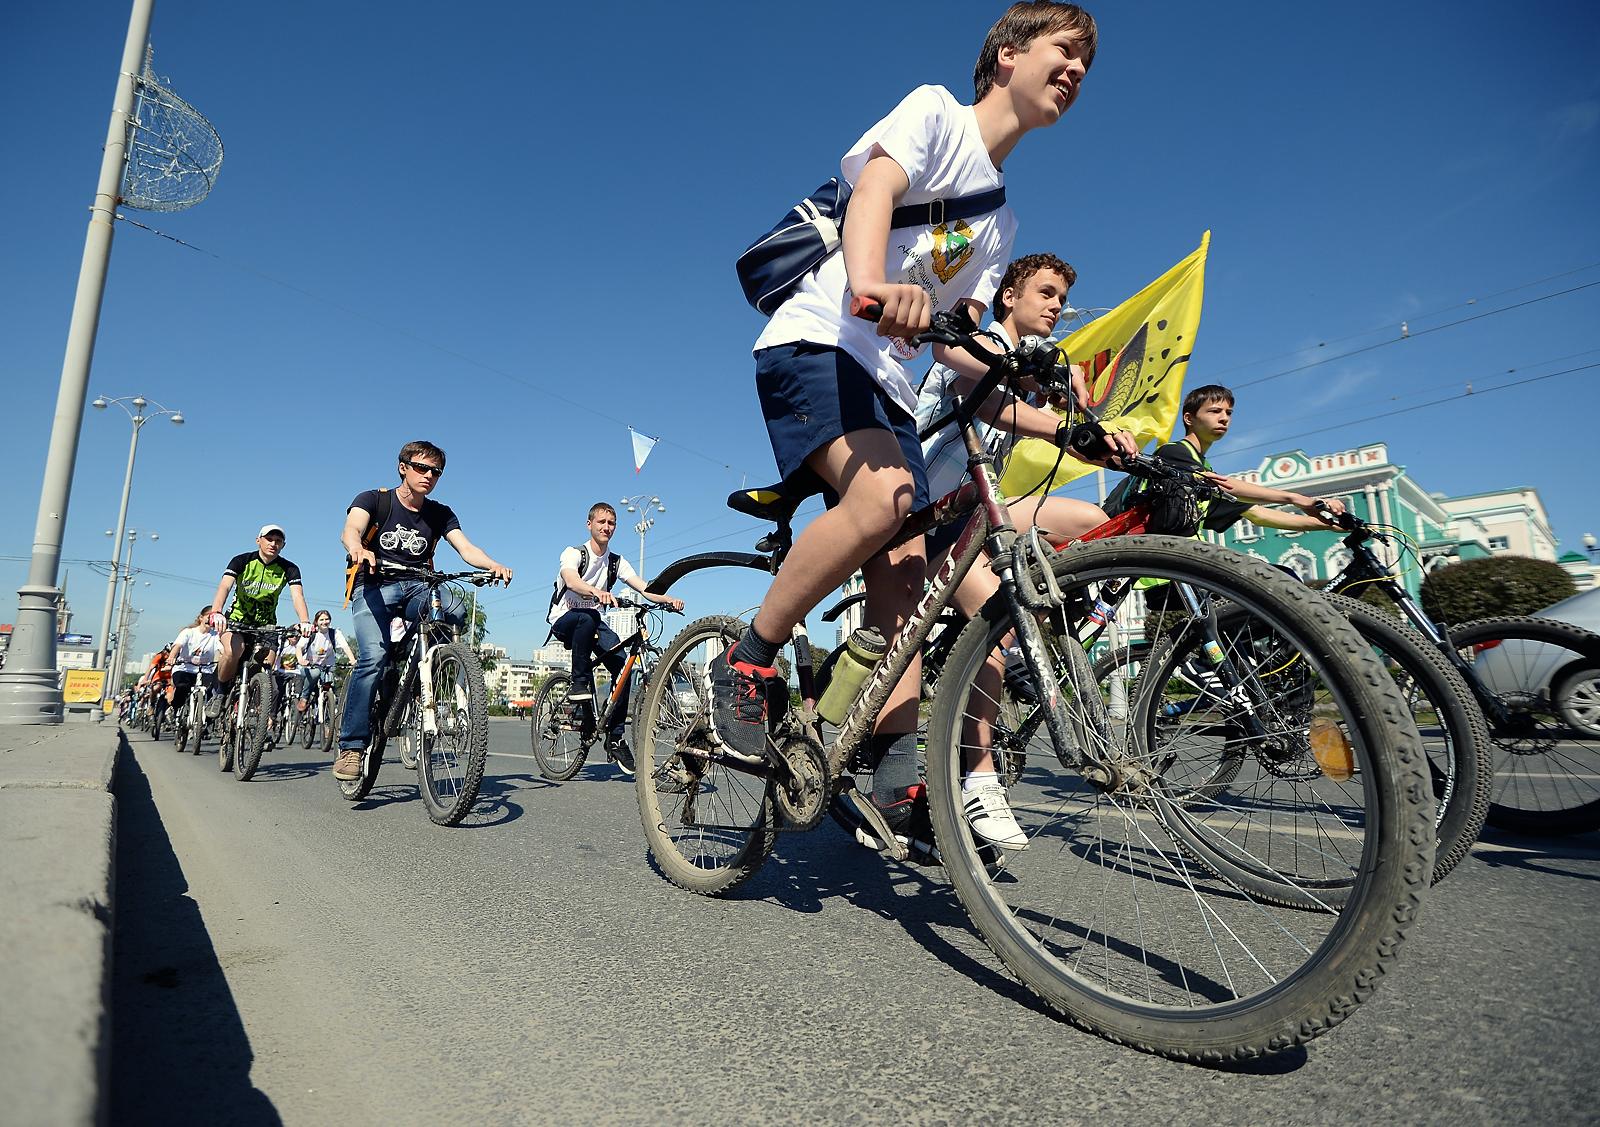 Горожане и иностранные дипломаты отметили «Дни Европы» велопробегом